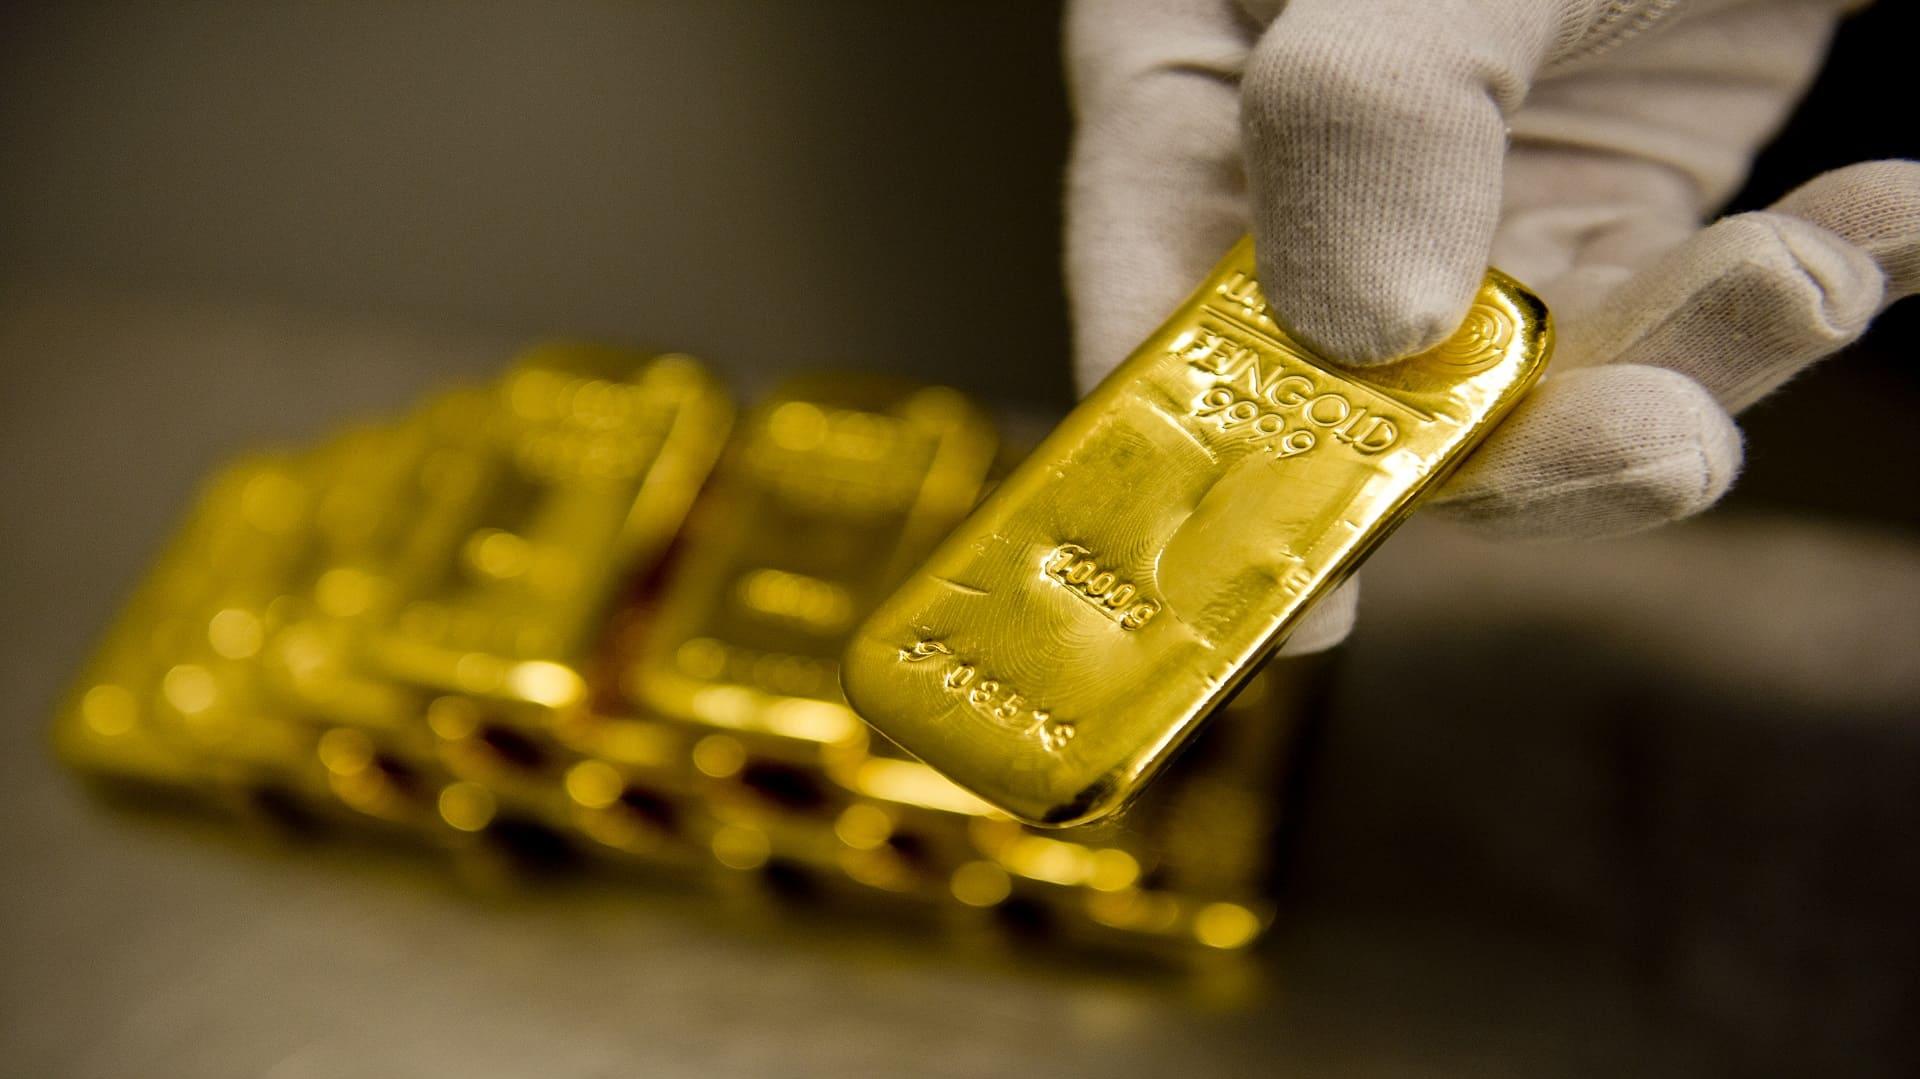 kupit zoloto - Не можете победить золото - тогда возглавьте его движение